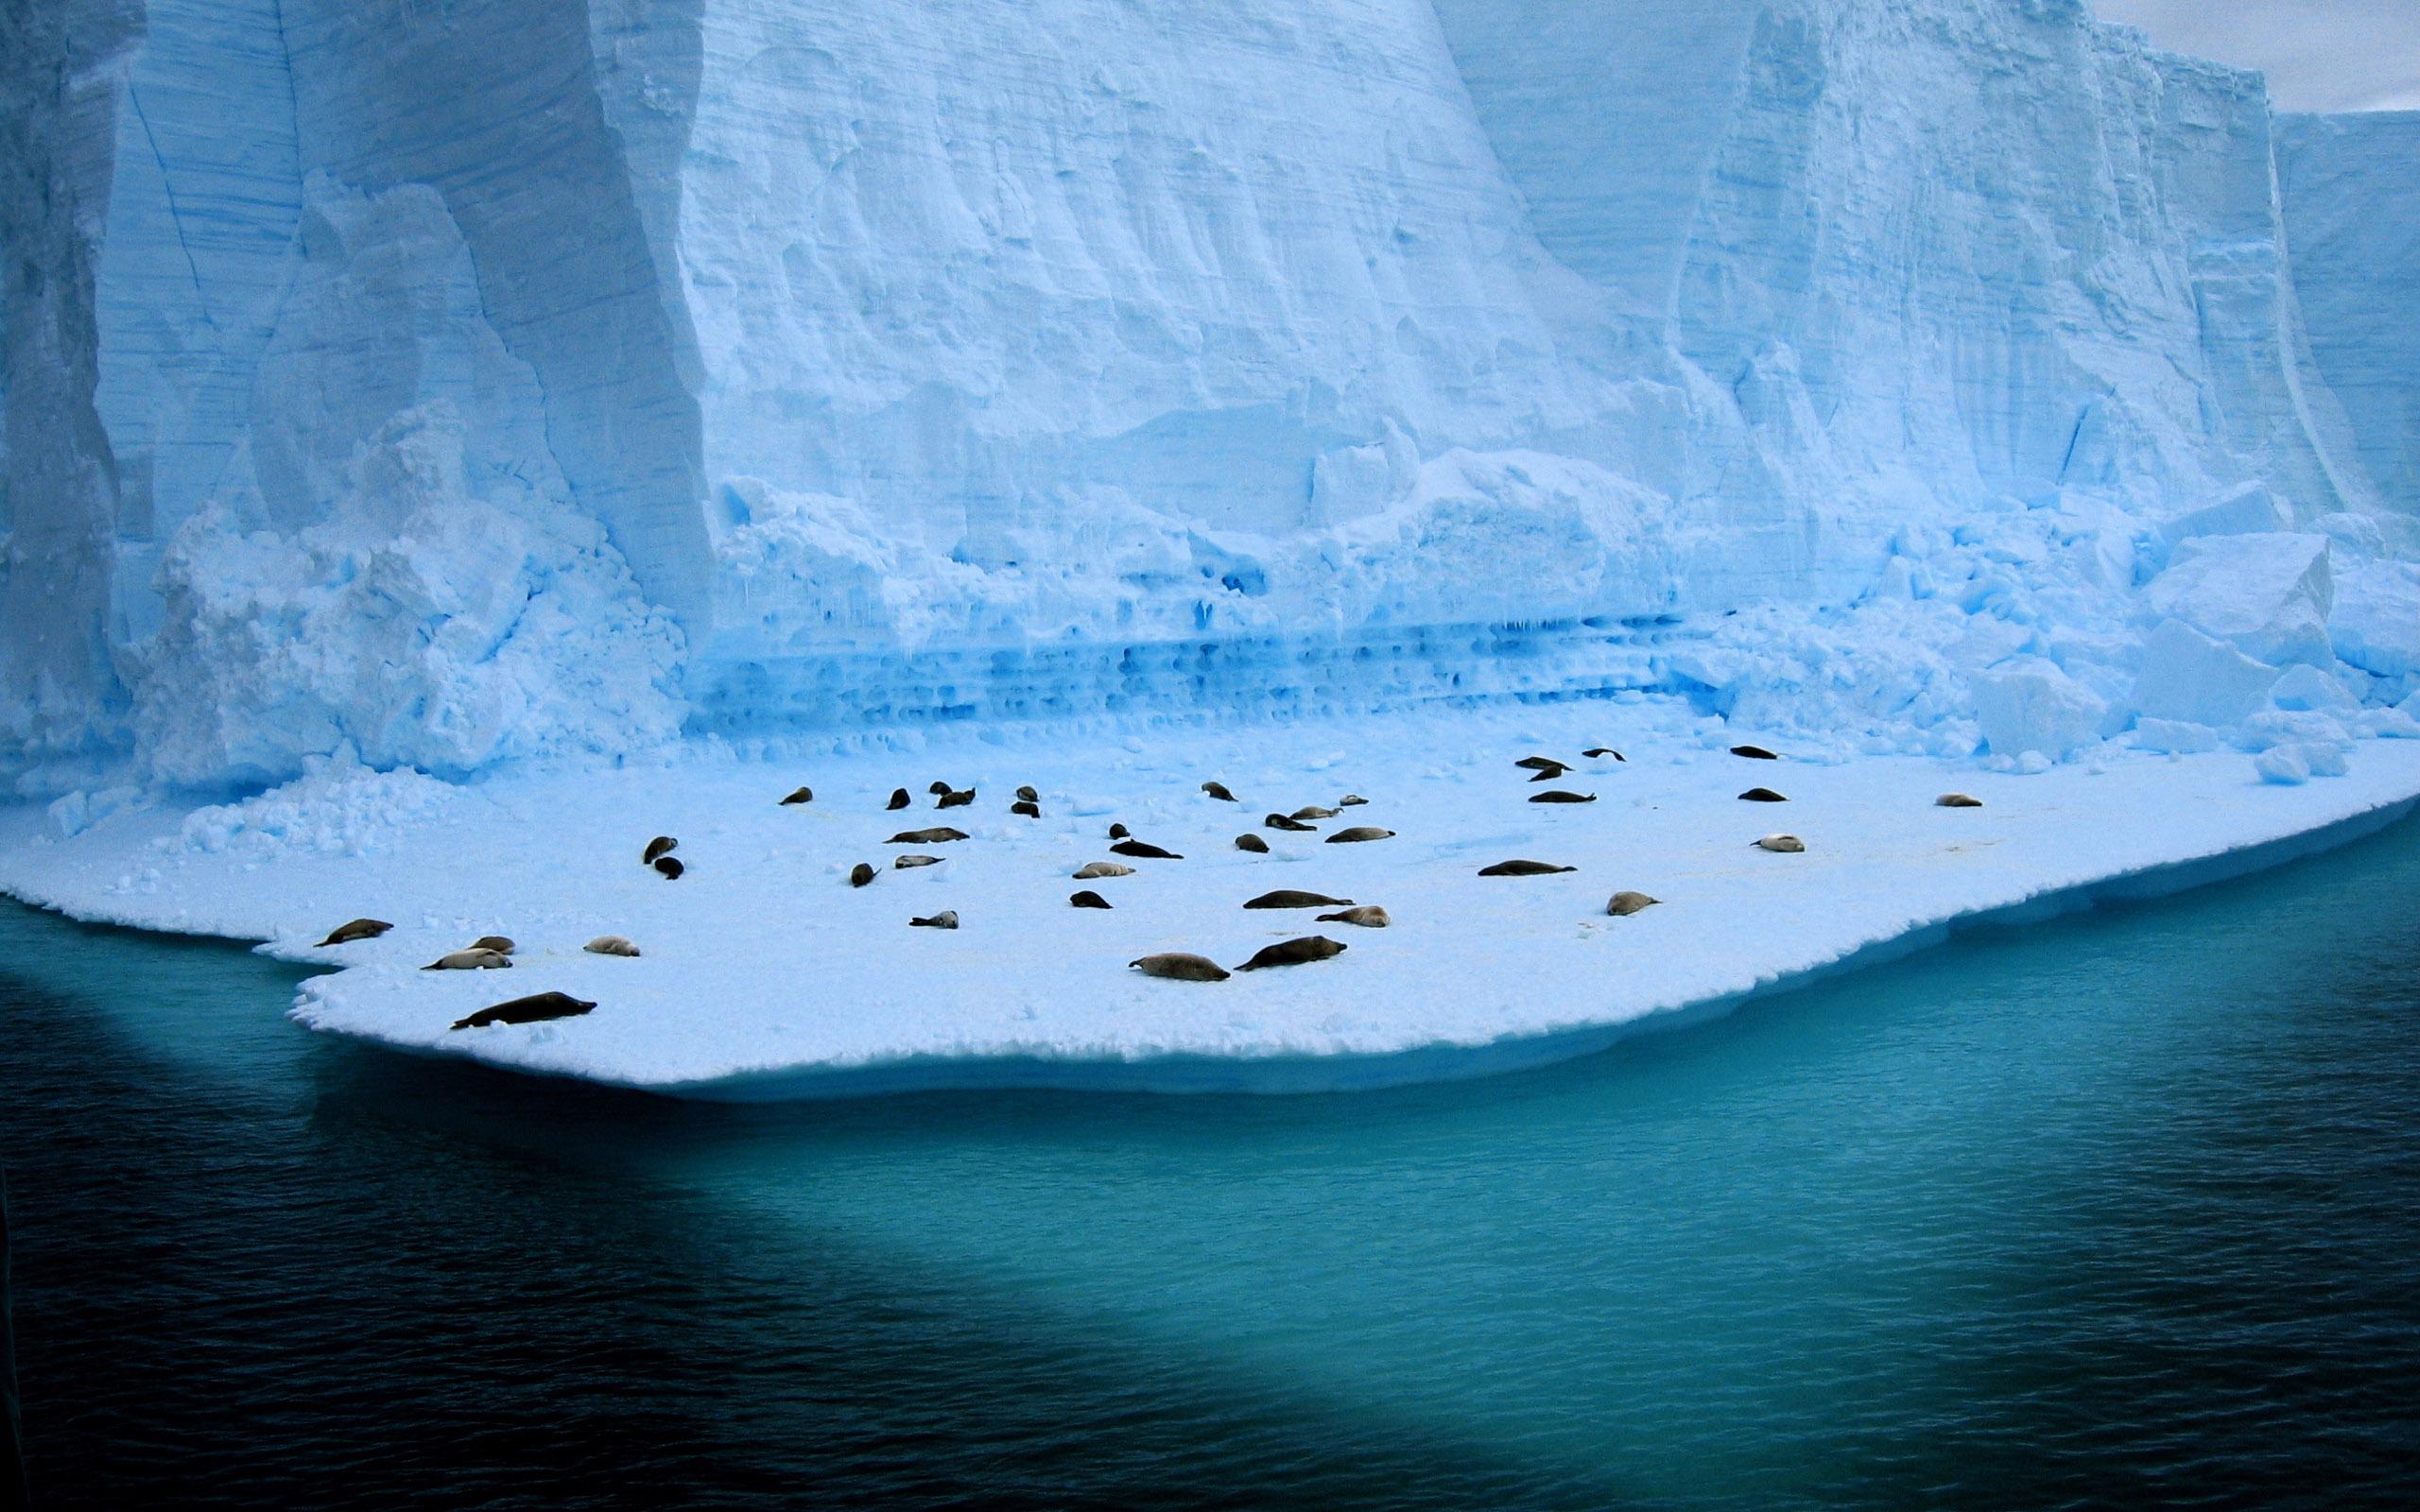 Pinguinos descansando en hielo - 2560x1600